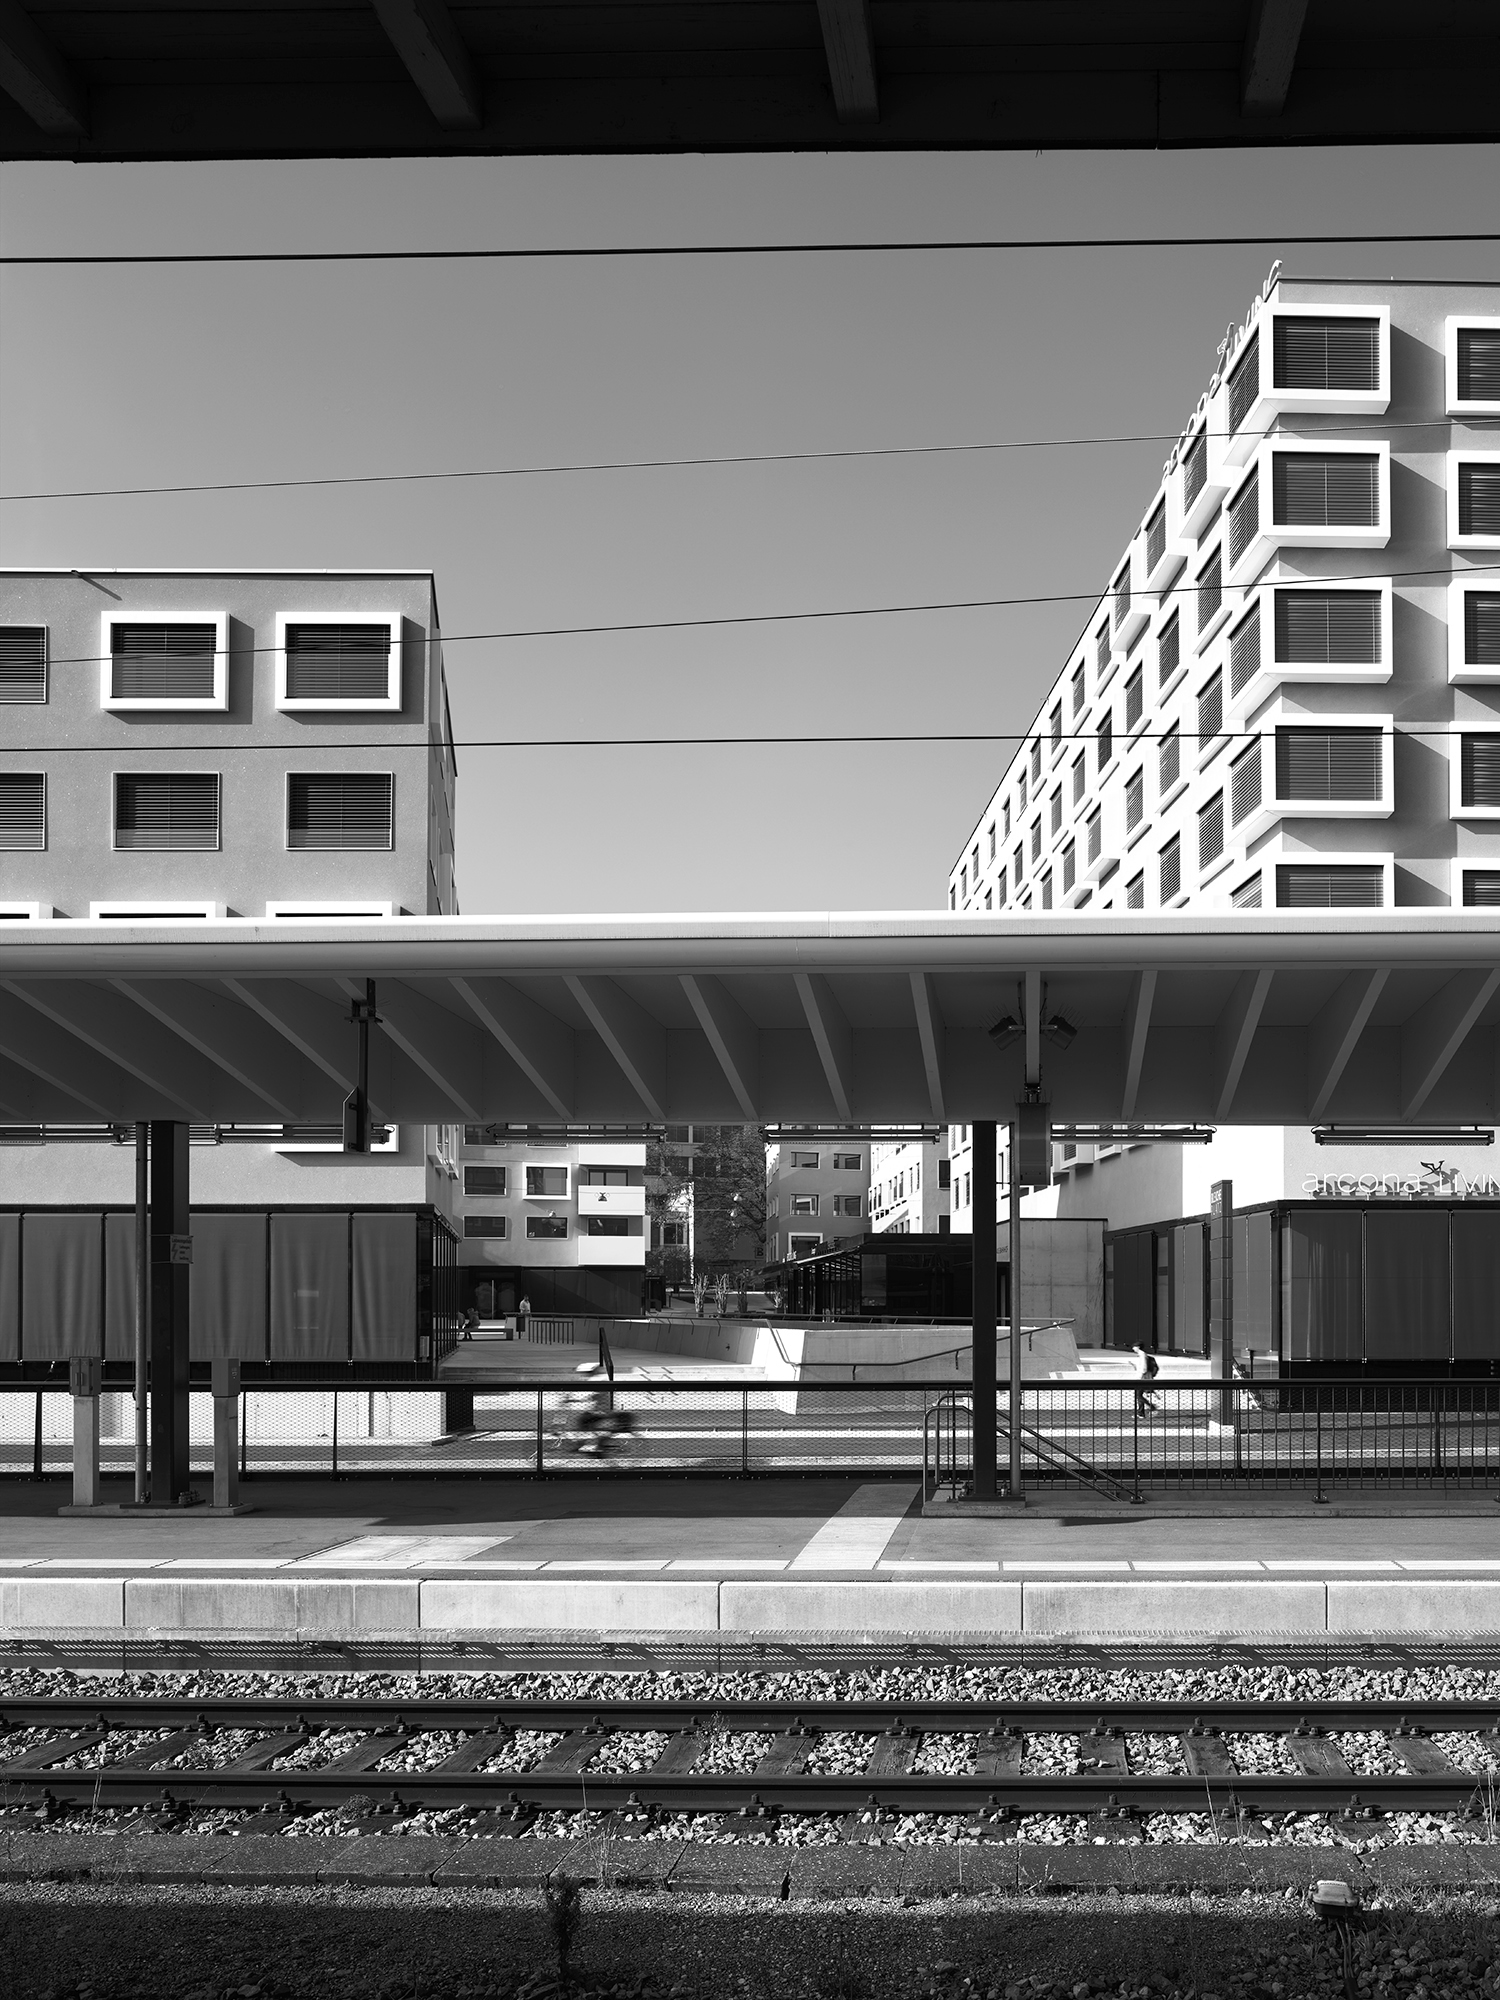 Bild Überblick und Bilder 1, 2, 3, 6: Hannes Henz / Bild 4: David Heitz Plan: Pfister Schiess Tropeano